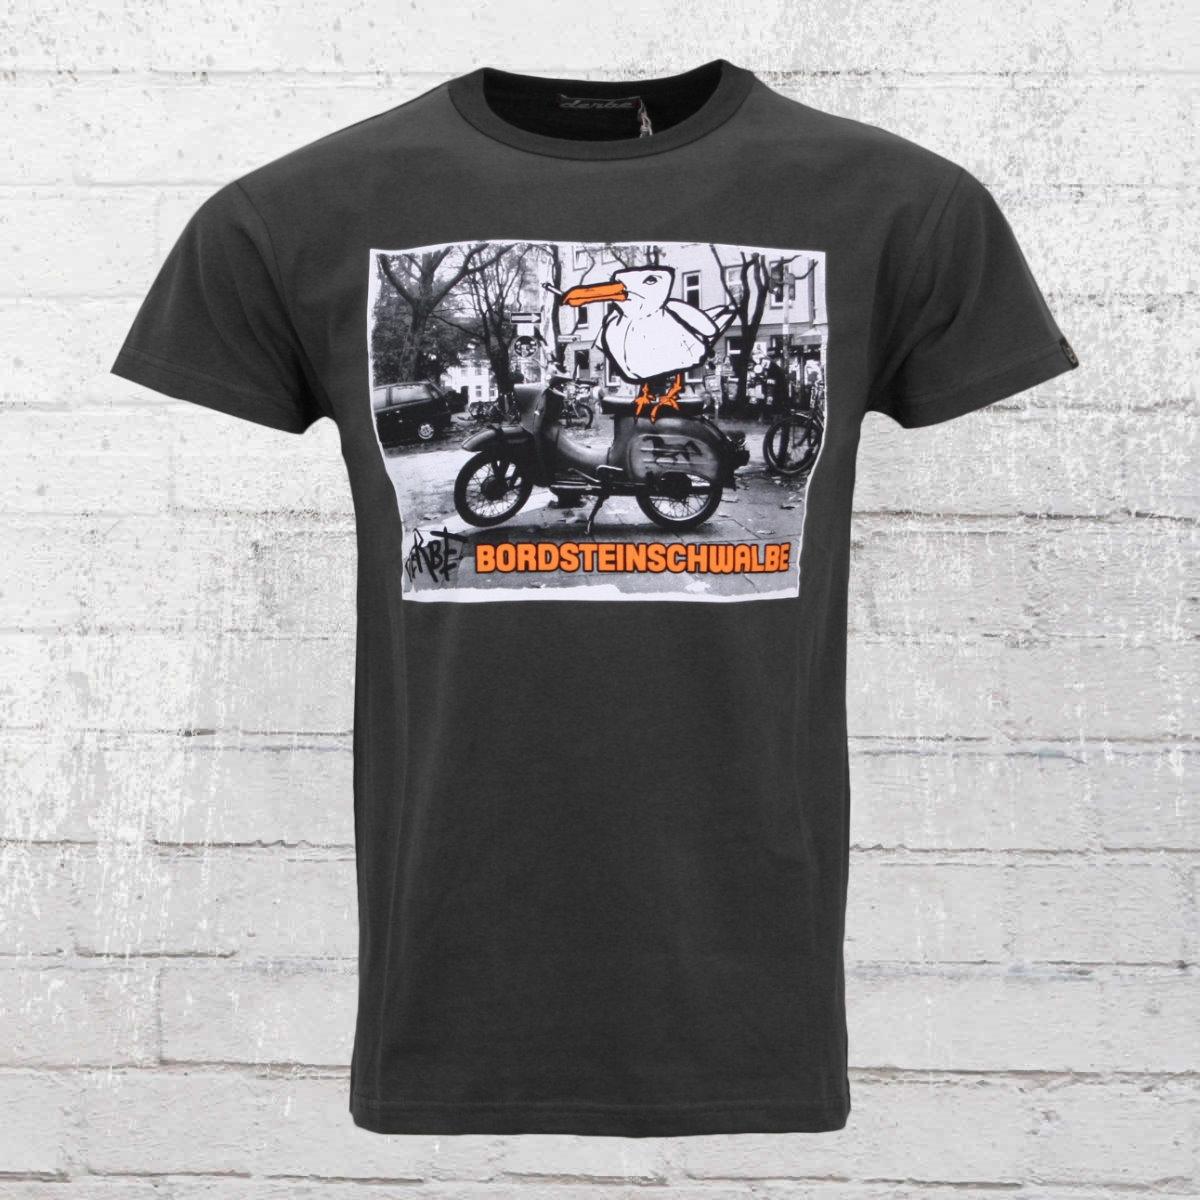 Derbe Hamburg Herren T-Shirt Bordsteinschwalbe grau